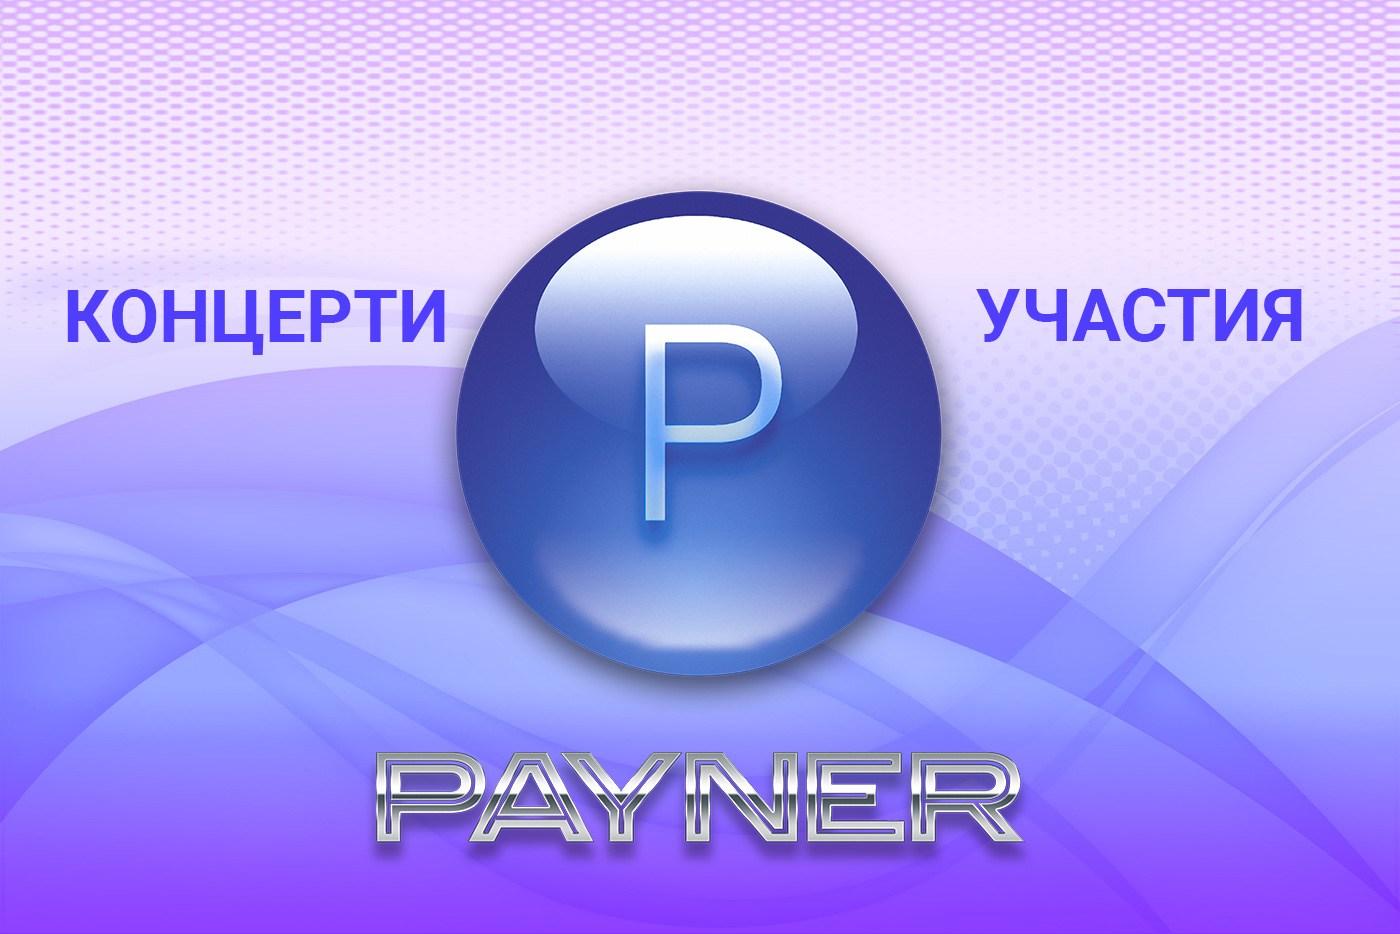 """Участия на звездите на """"Пайнер"""" на 13.02.2019"""